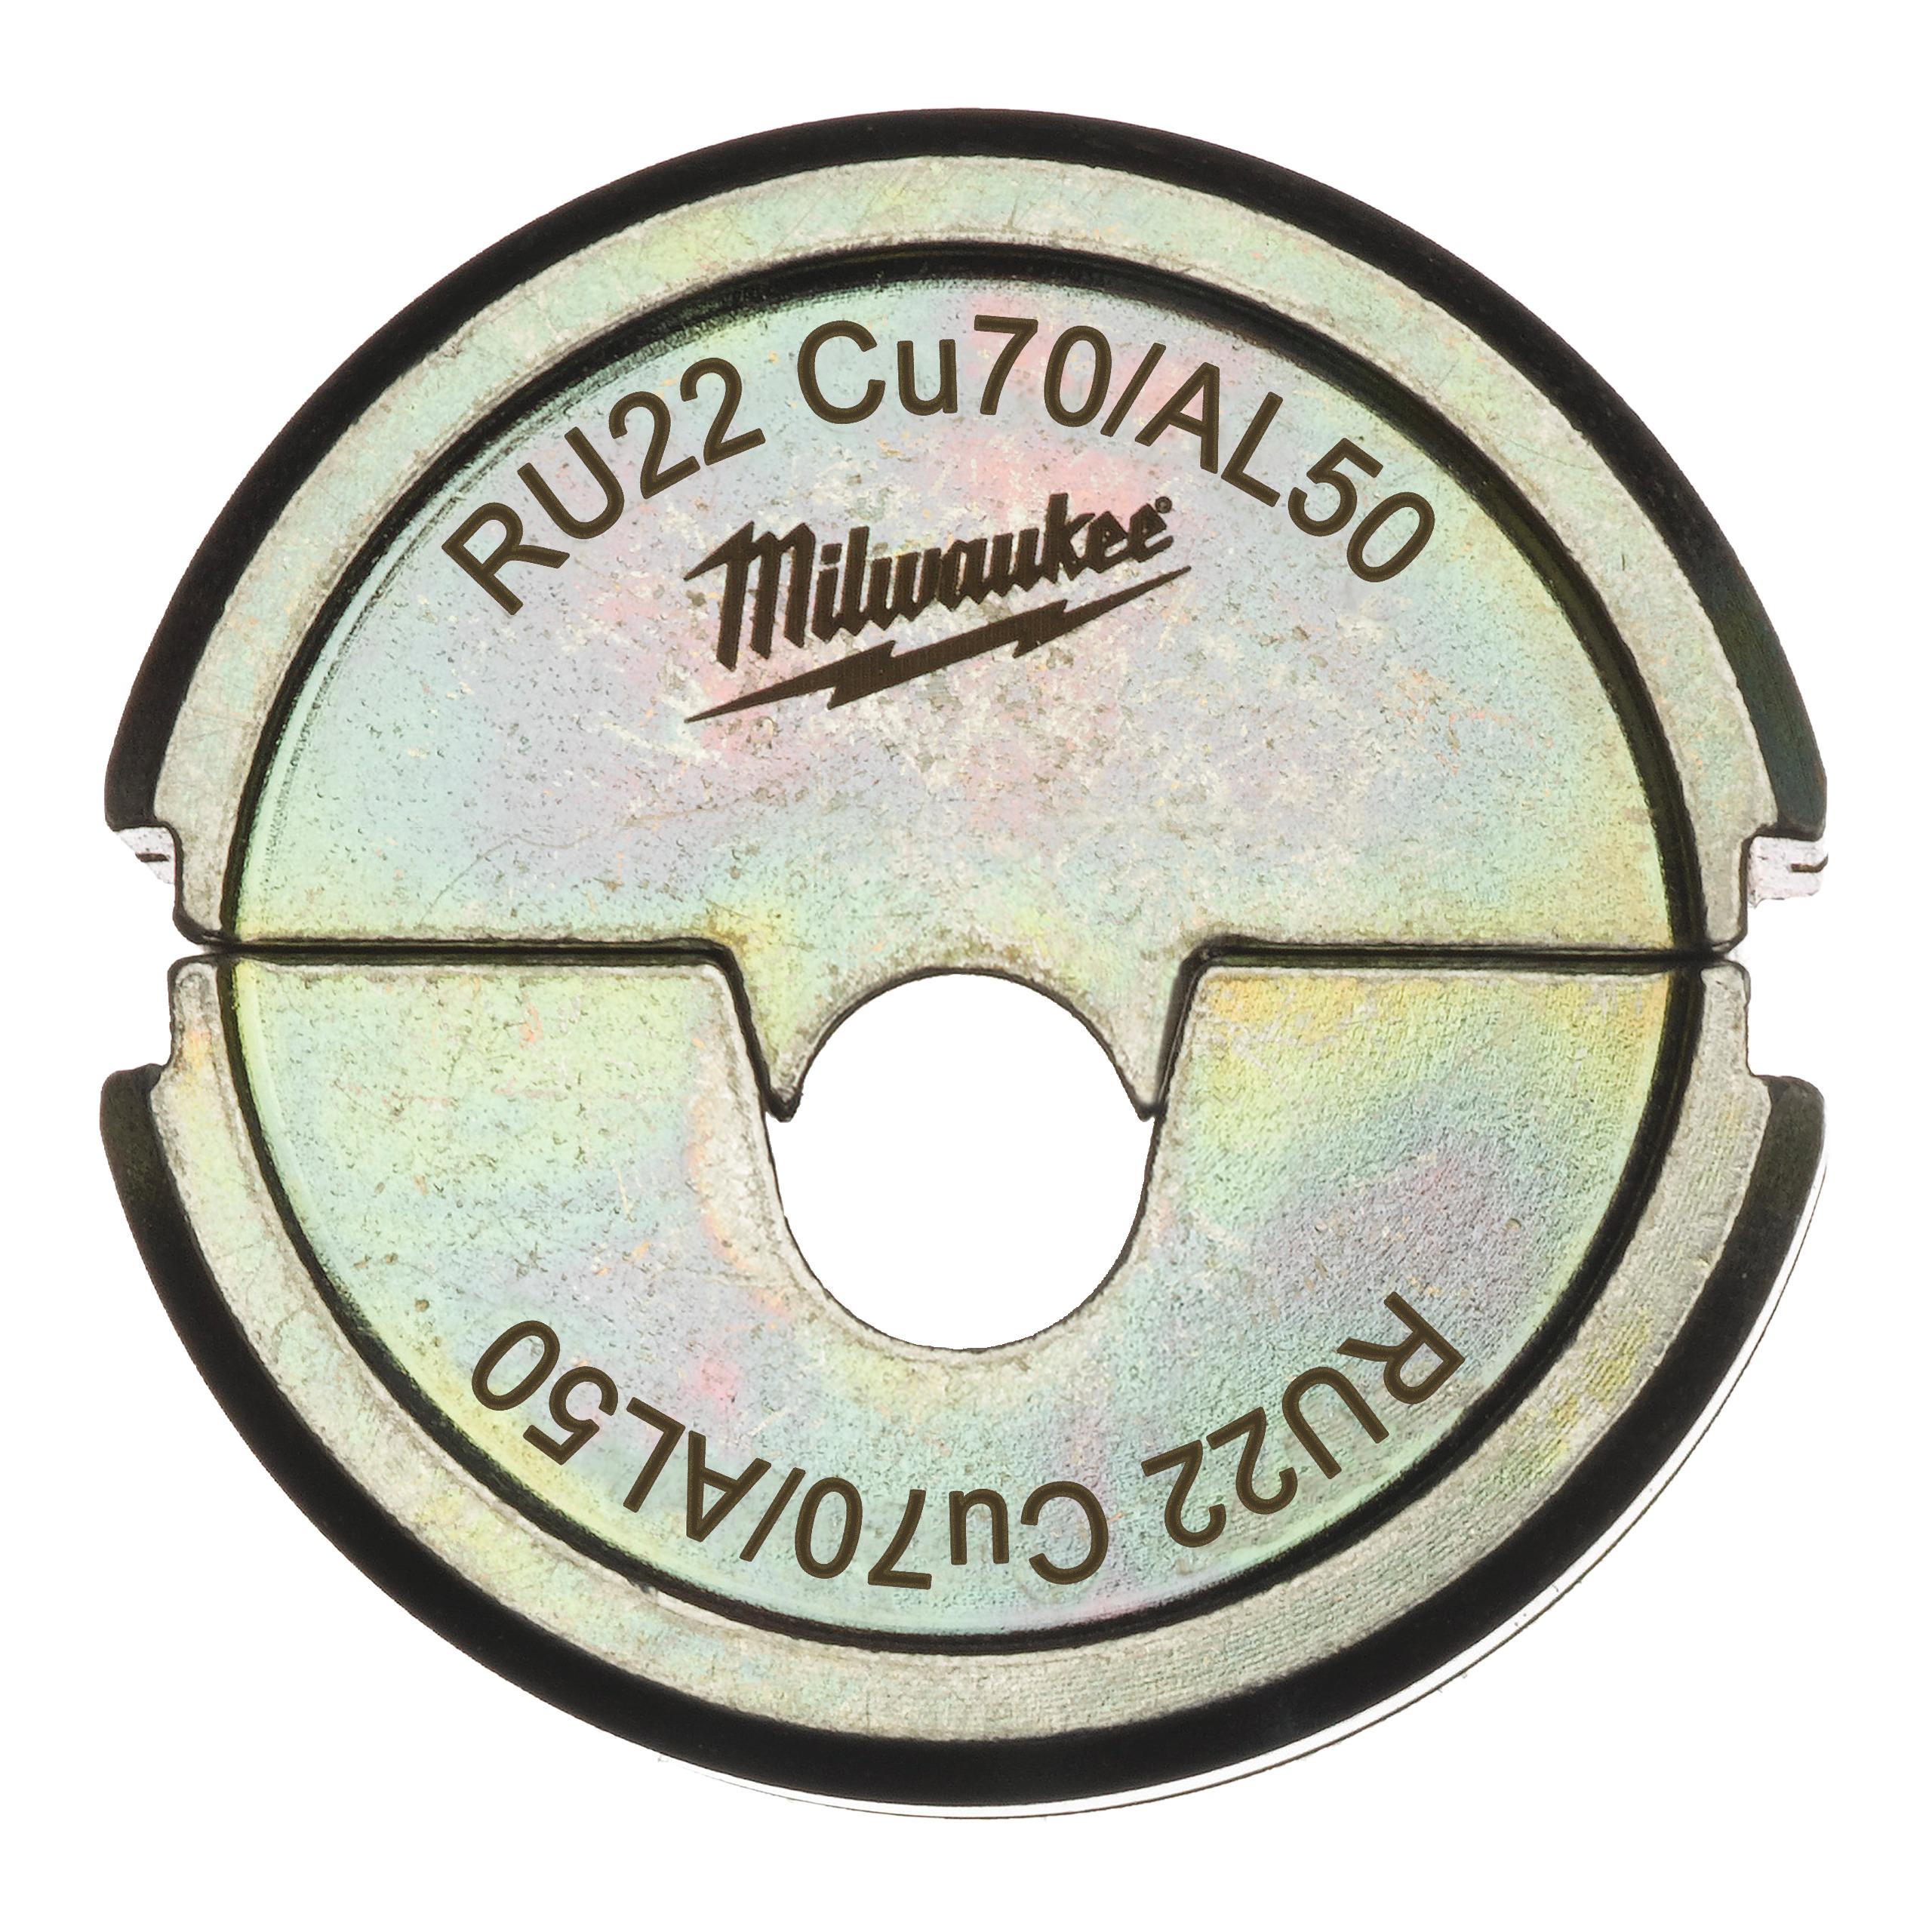 Krimpovací čelisti  RU22 Cu70/AL50